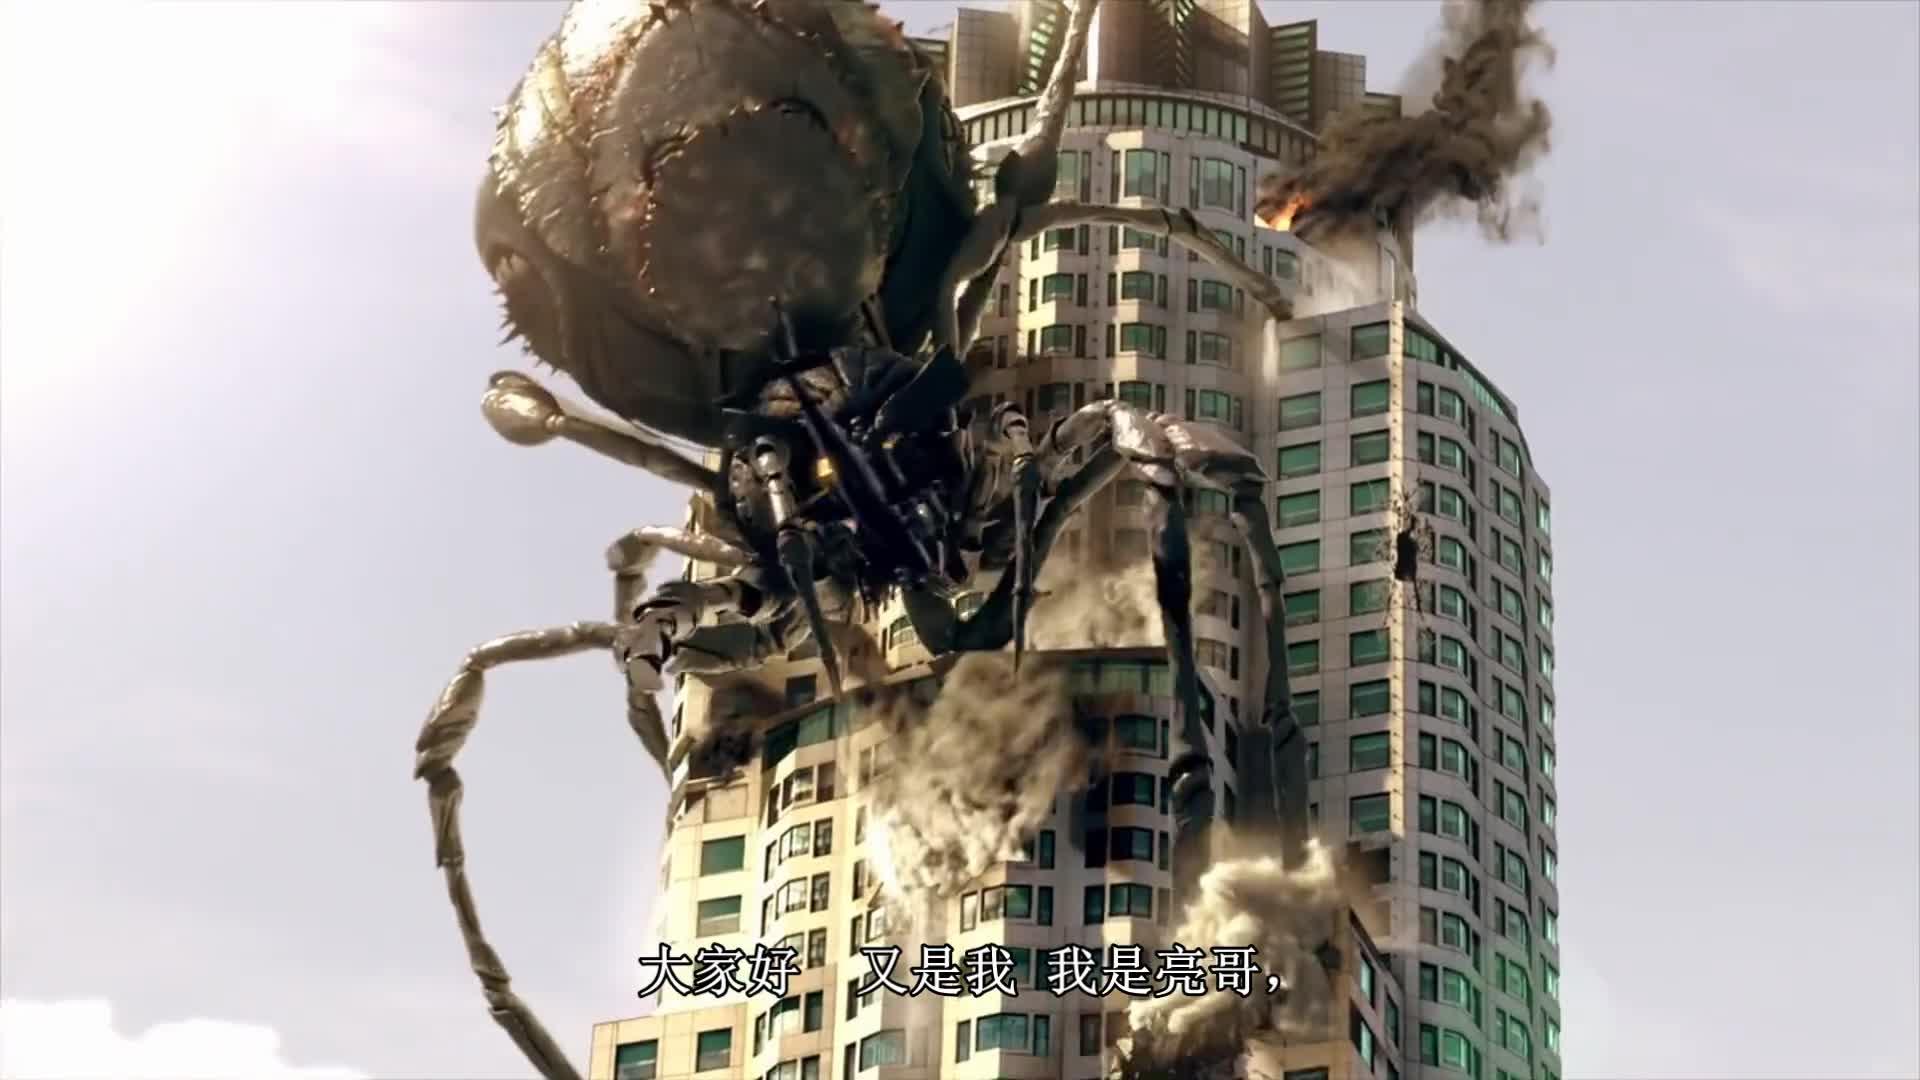 #惊悚看电影#军方实验出错,造出了一只蜘蛛怪,科幻恐怖电影《巨蛛怪》